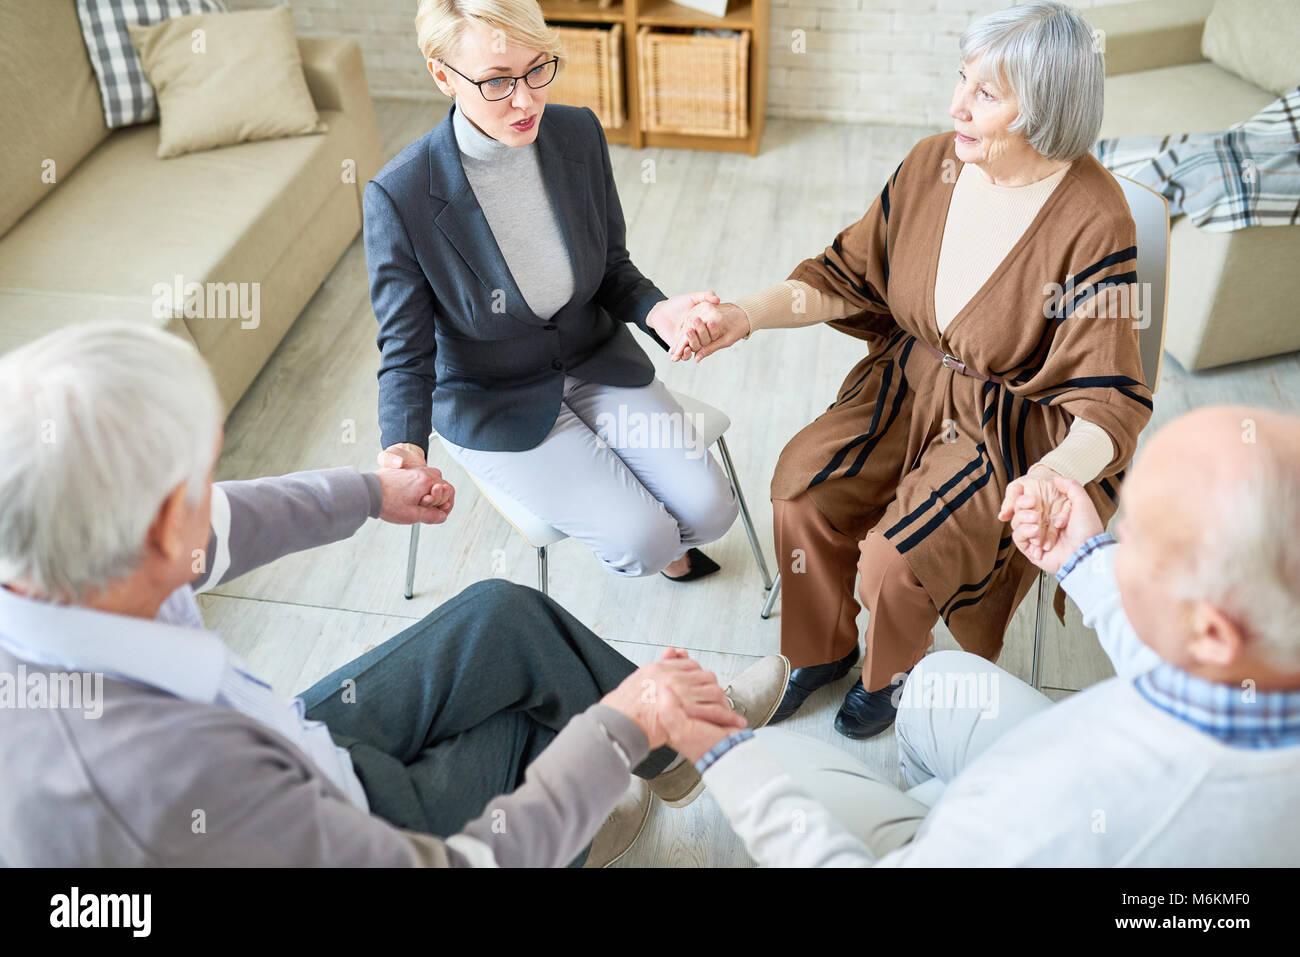 Cerchio di supporto nella terapia di gruppo a Sessione Immagini Stock